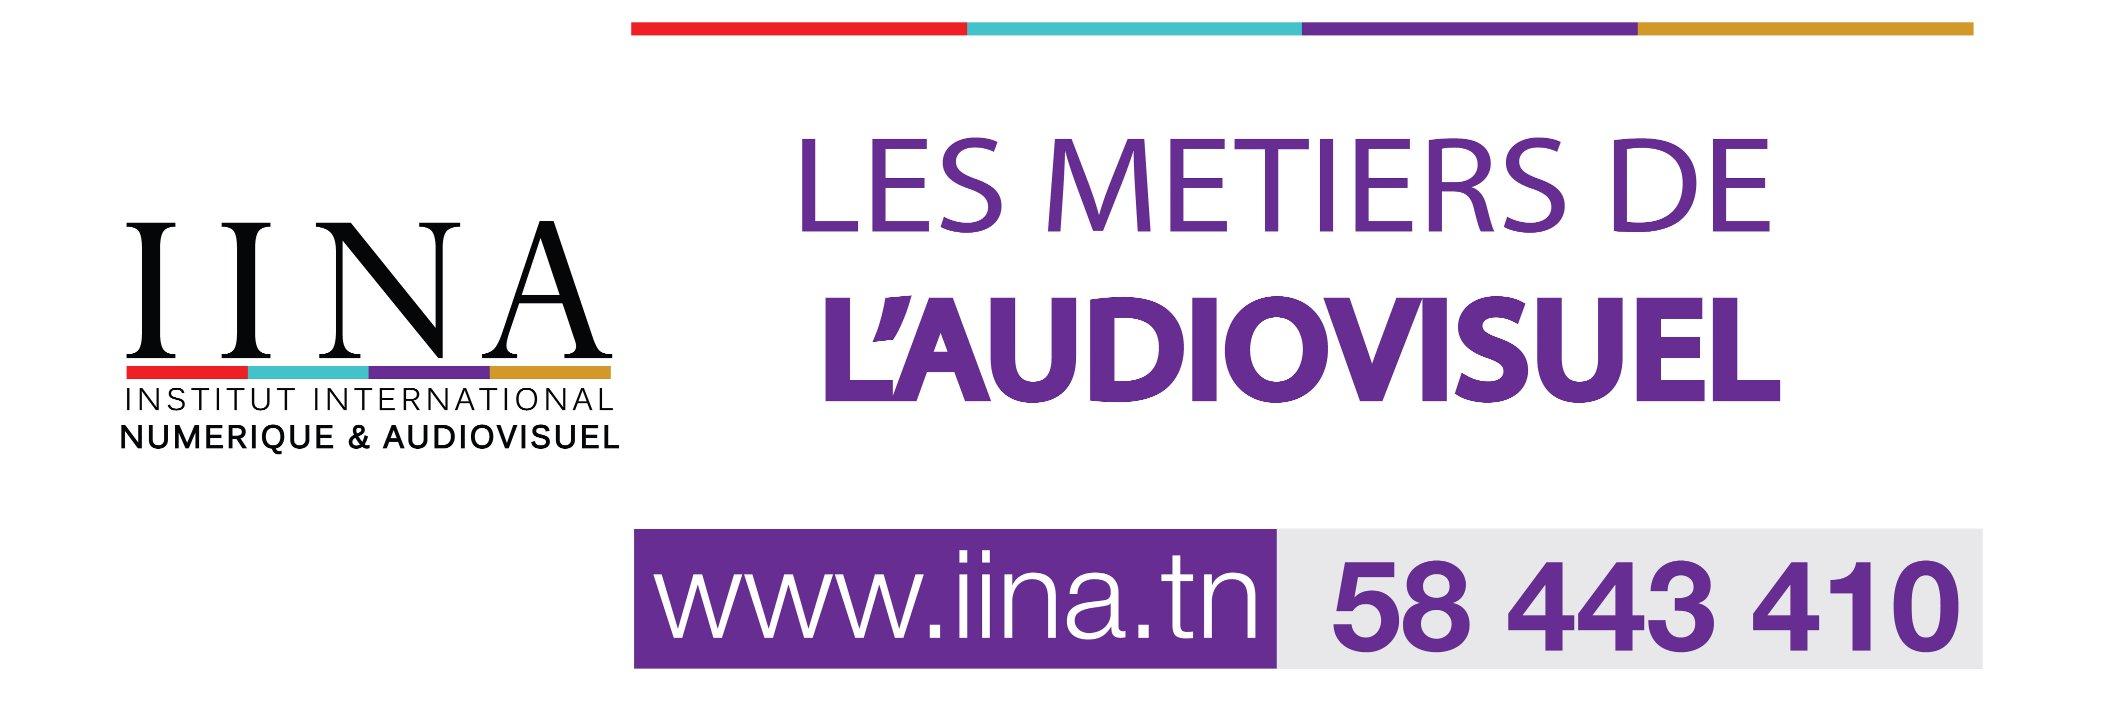 Institut International du Numérique et de l'Audiovisuel's official Twitter account